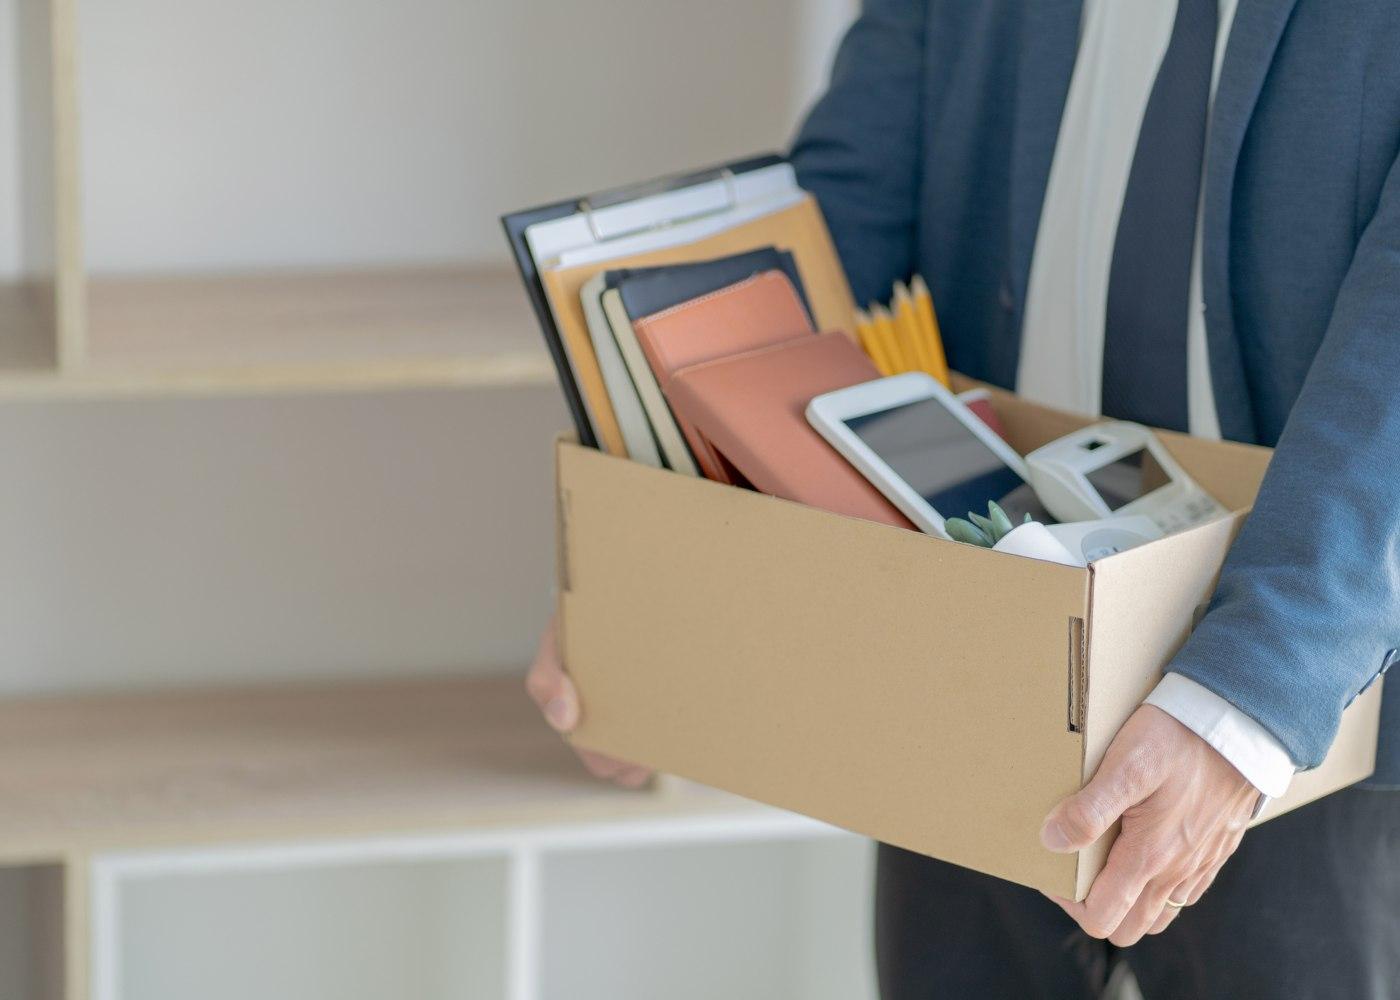 pessoa a segurar caixas com coisas do escritório depois de suspender o estágio